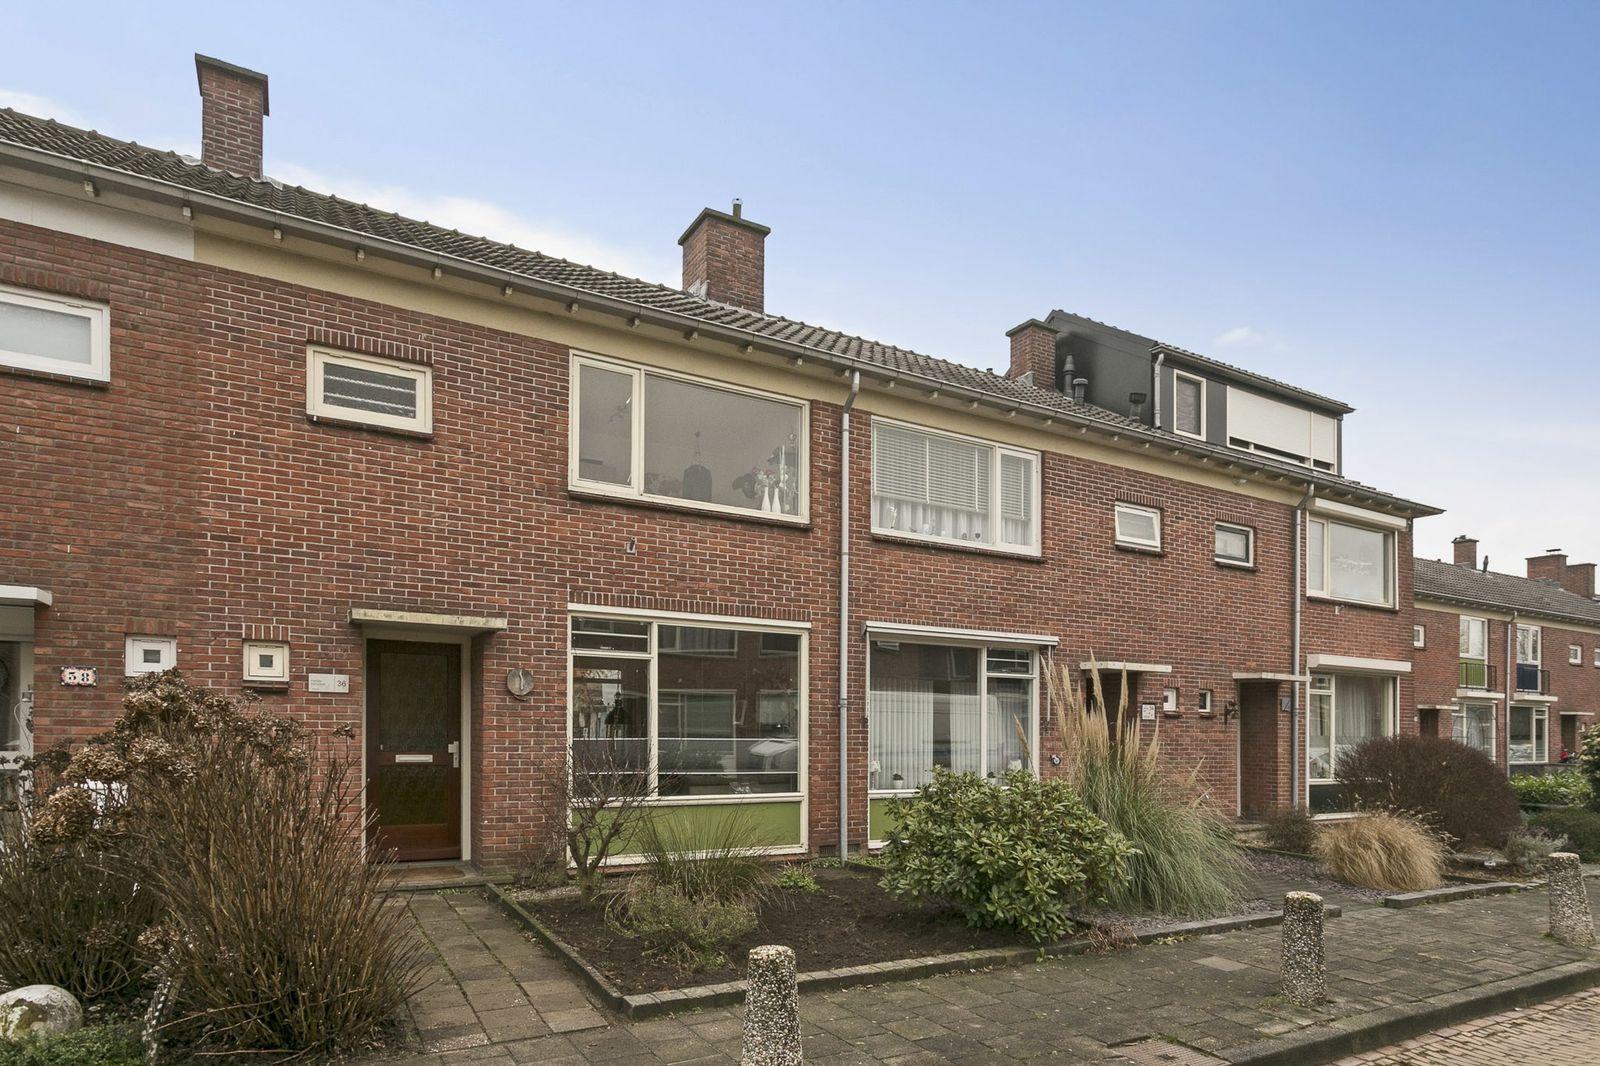 Akeleistraat 36, Enschede